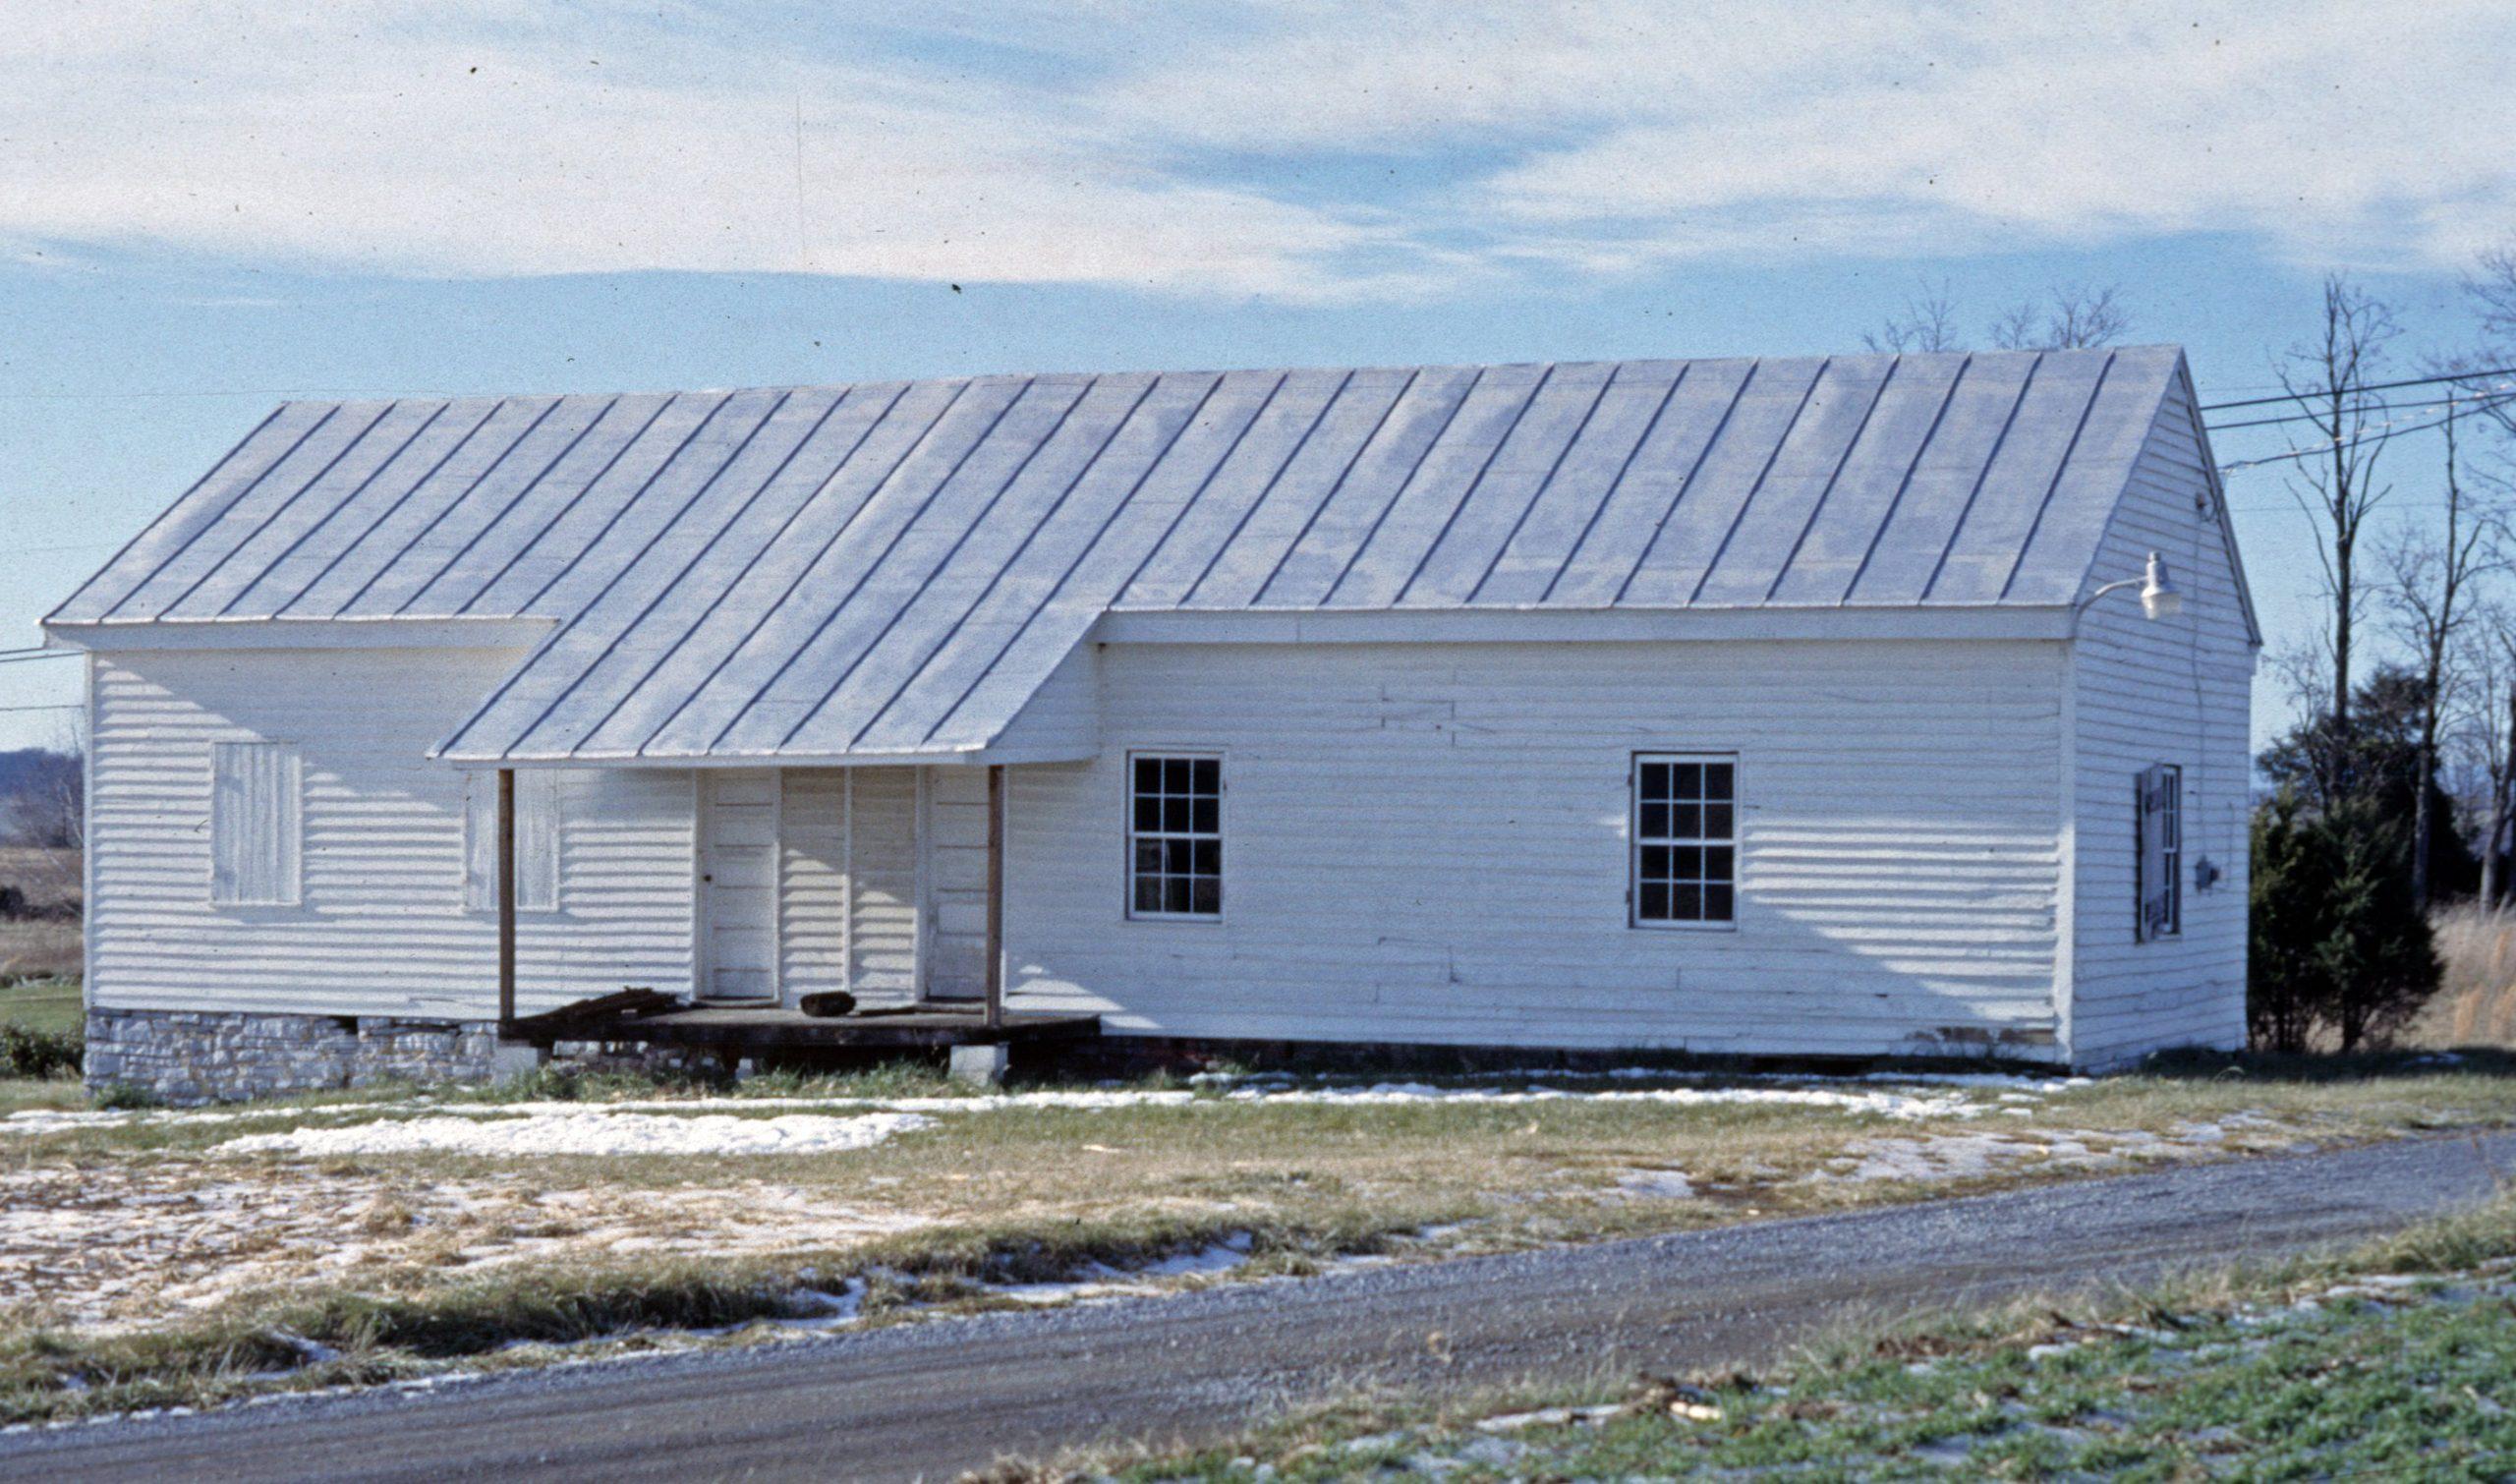 West View School